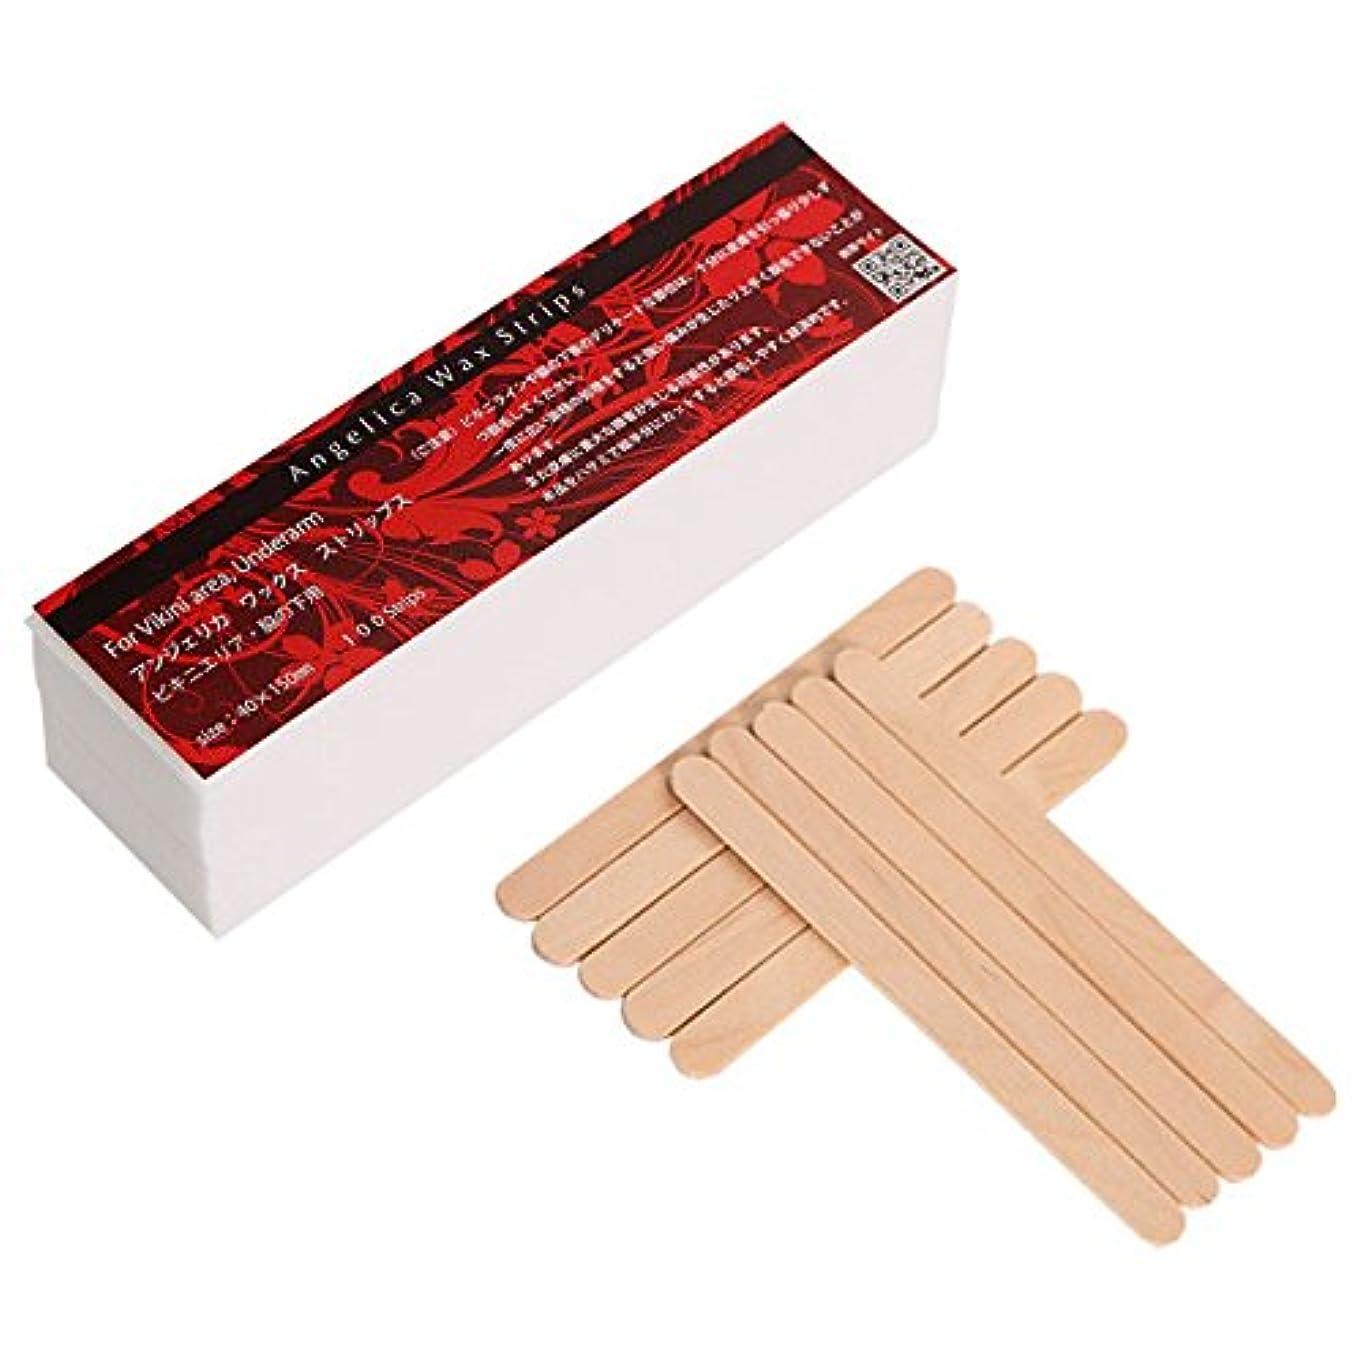 ビキニ用ストリップス 4cm×15cm(100枚)&スパチュラセット